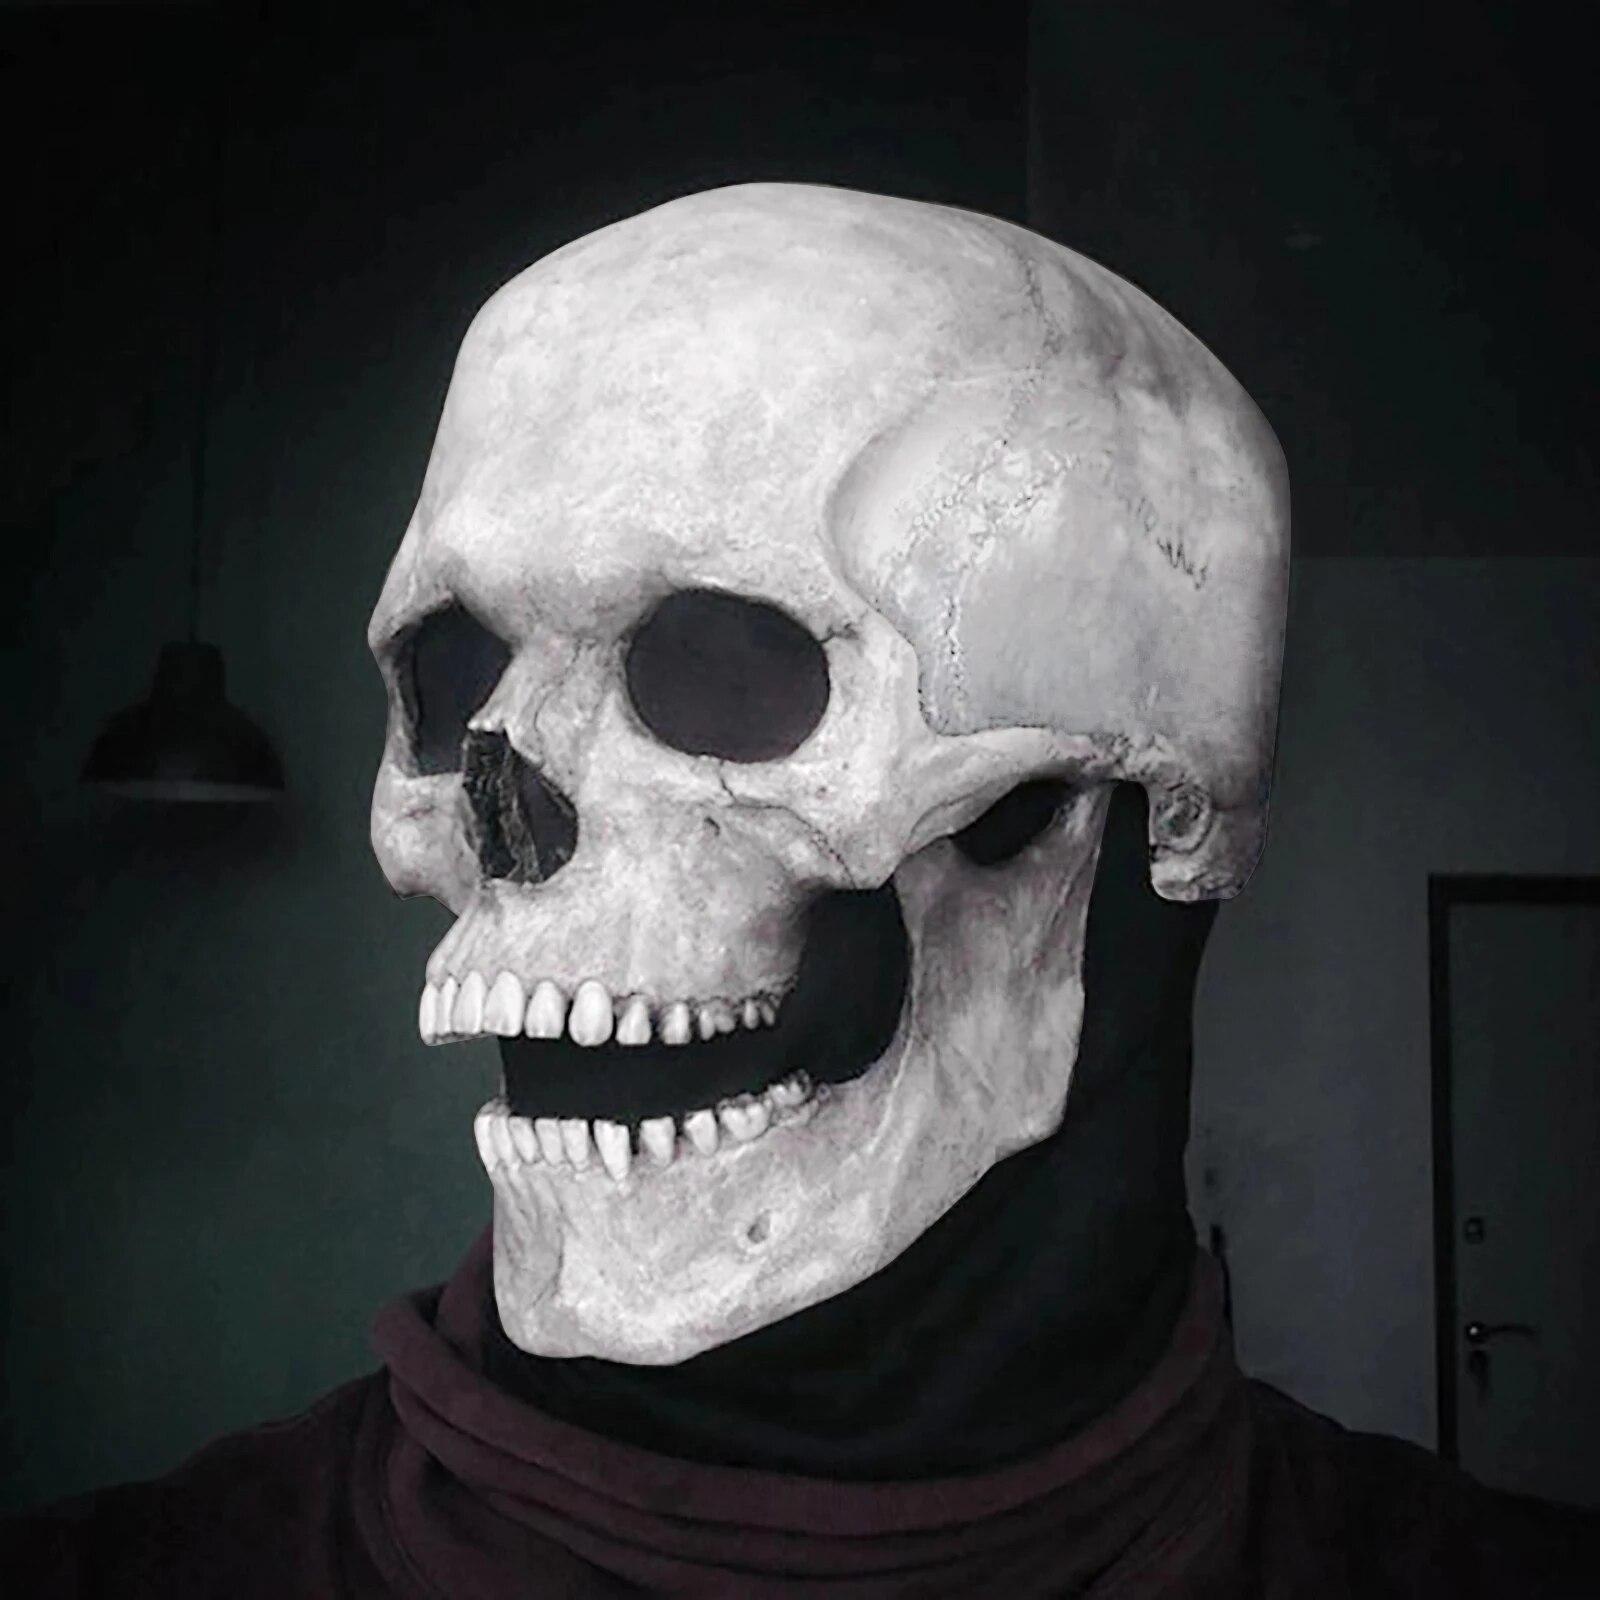 Искусственная маска на голову с черепом на Хэллоуин/шлем с подвижными челюстями 2021, креативные смешные страшные маски унисекс для взрослых ...